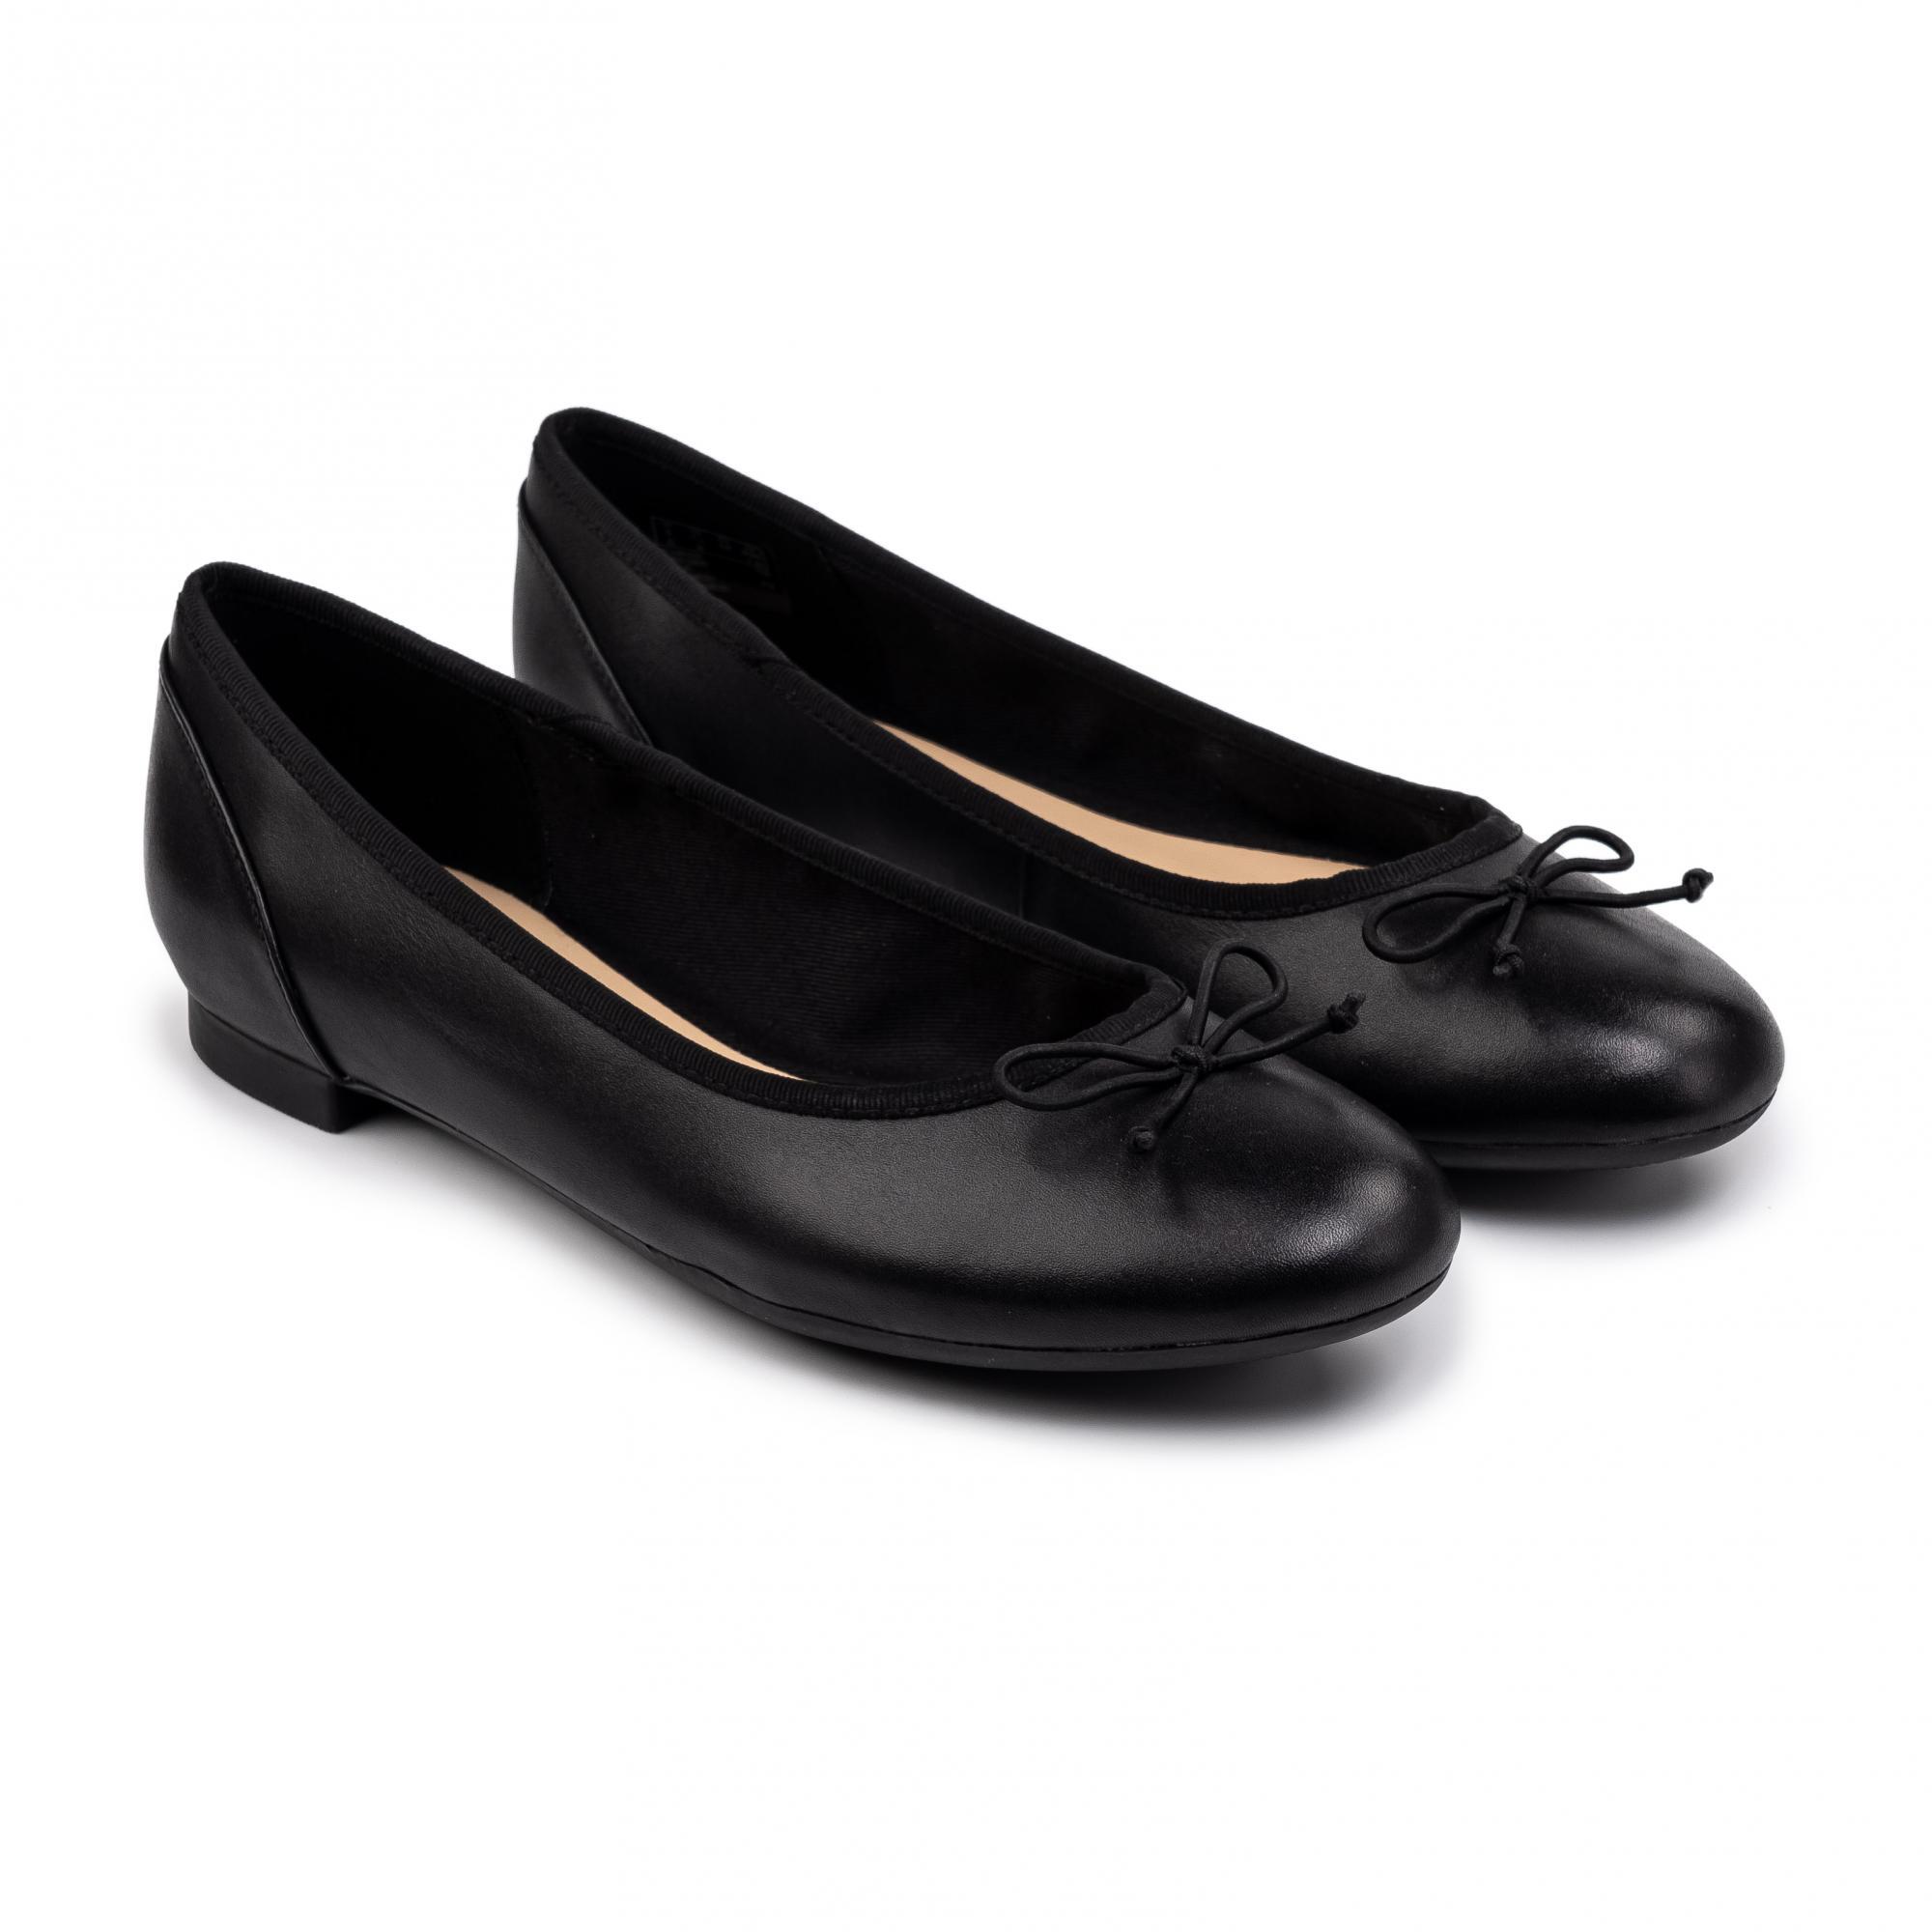 Балетки женские Clarks Couture Bloom 26115485 черные 37 EU